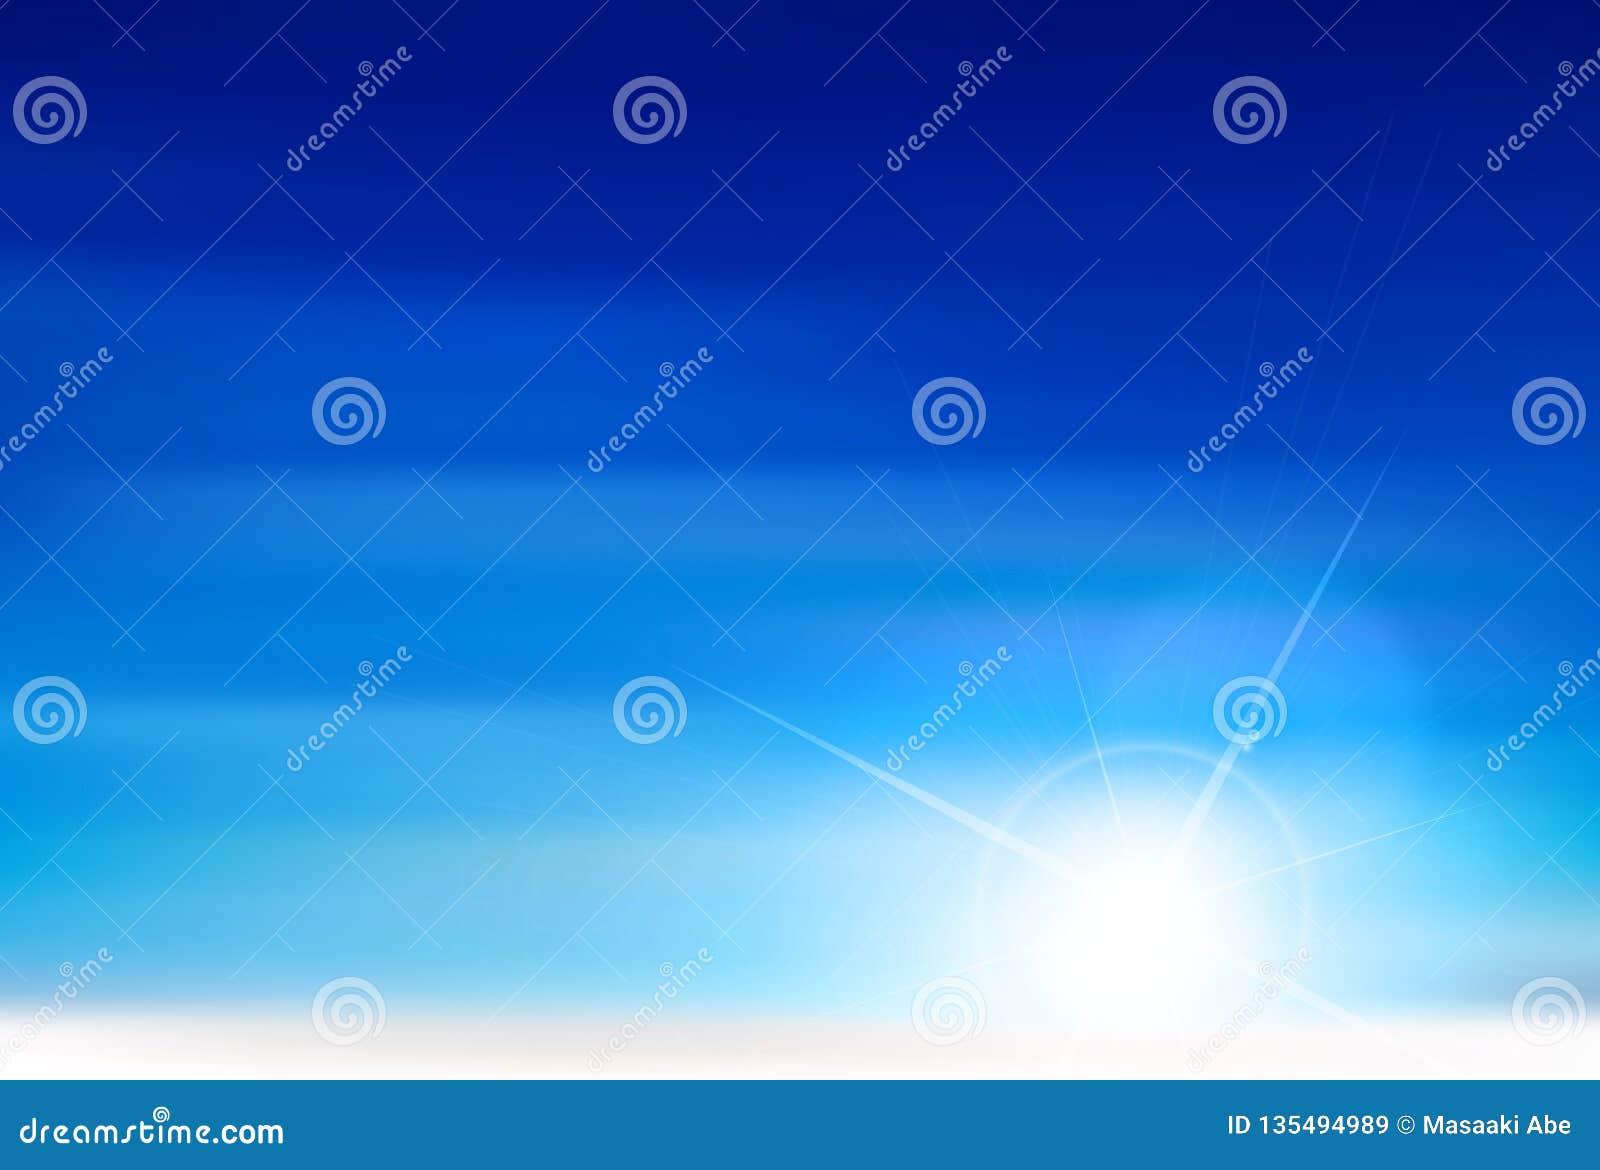 想象美丽的日本天空的例证材料